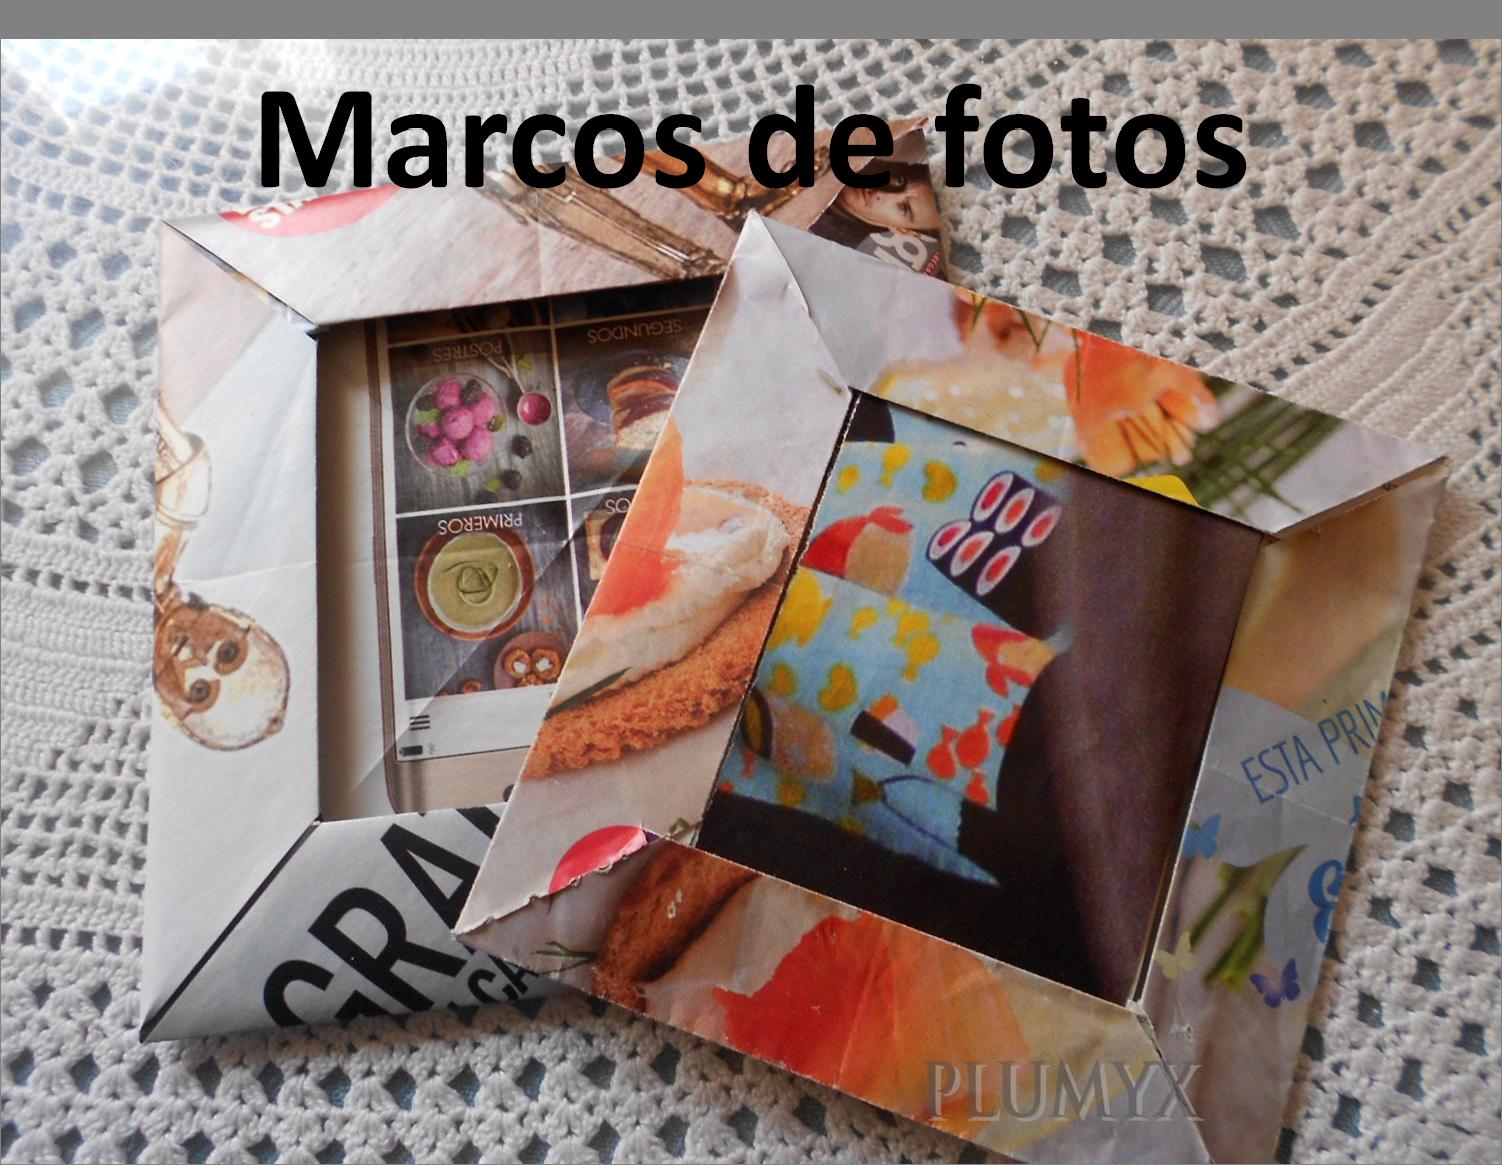 Marcos de fotos | Plumyx